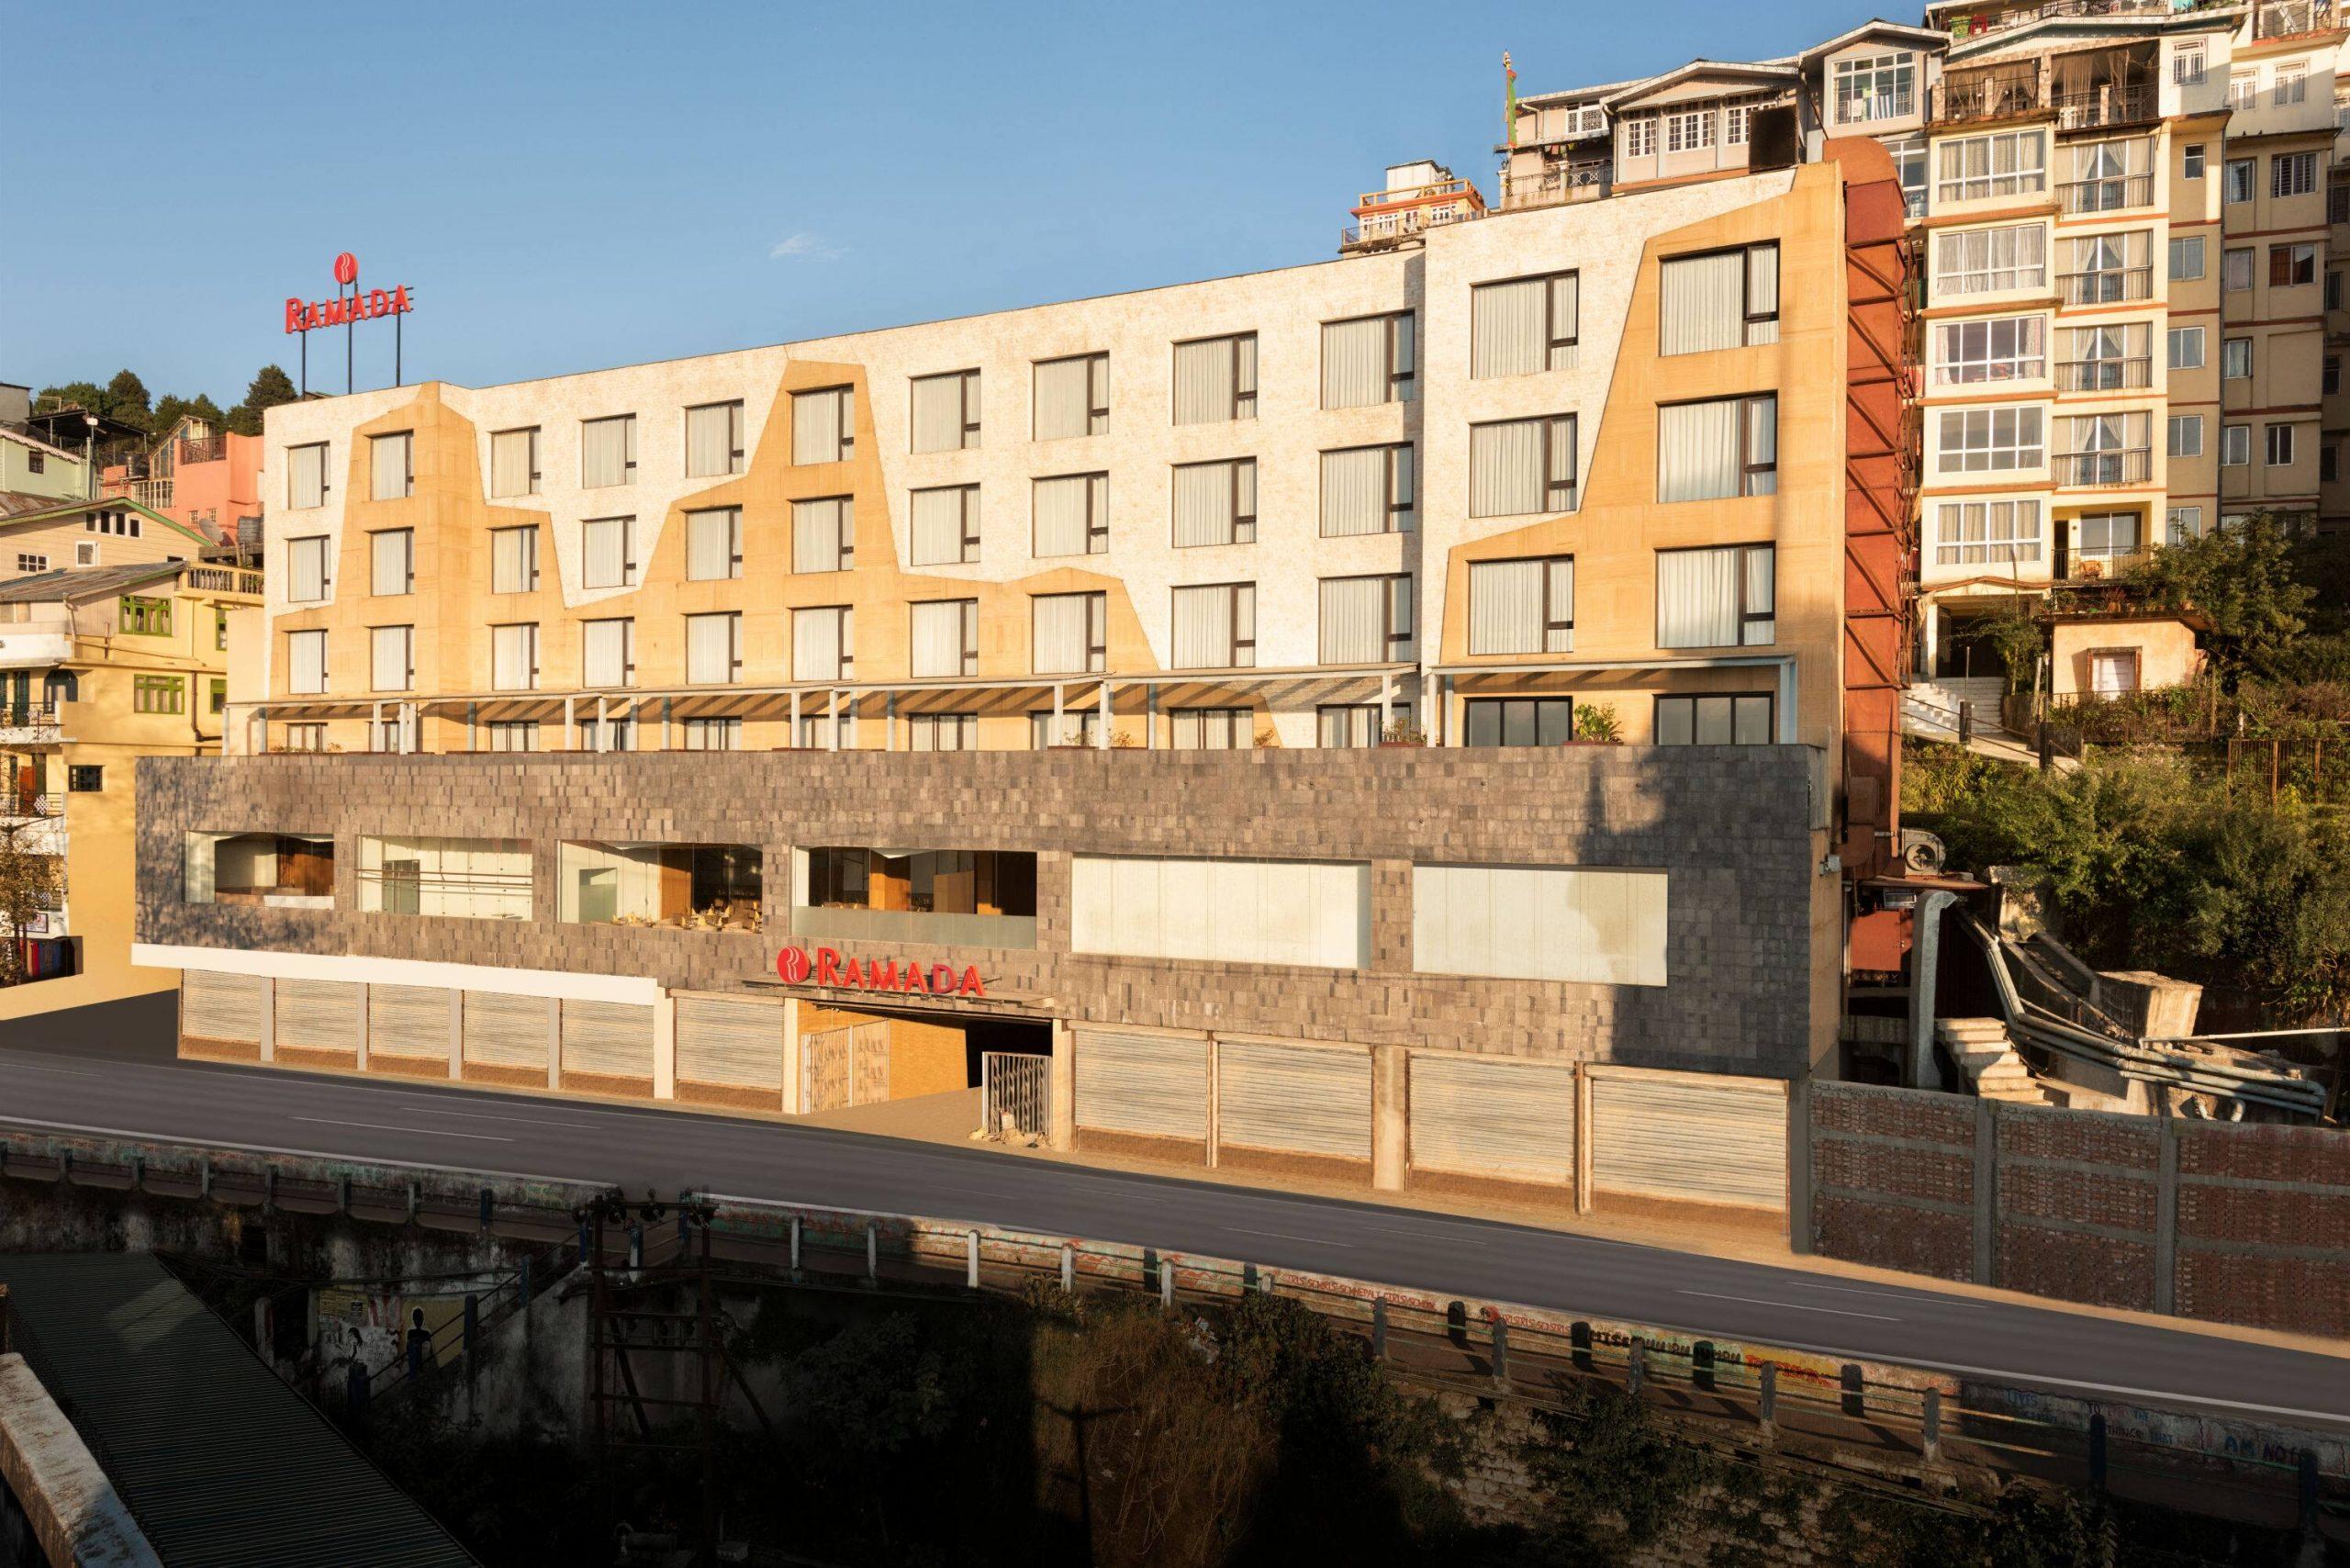 Hotel Ramada - Best Luxury Hotels To Stay In Darjeeling